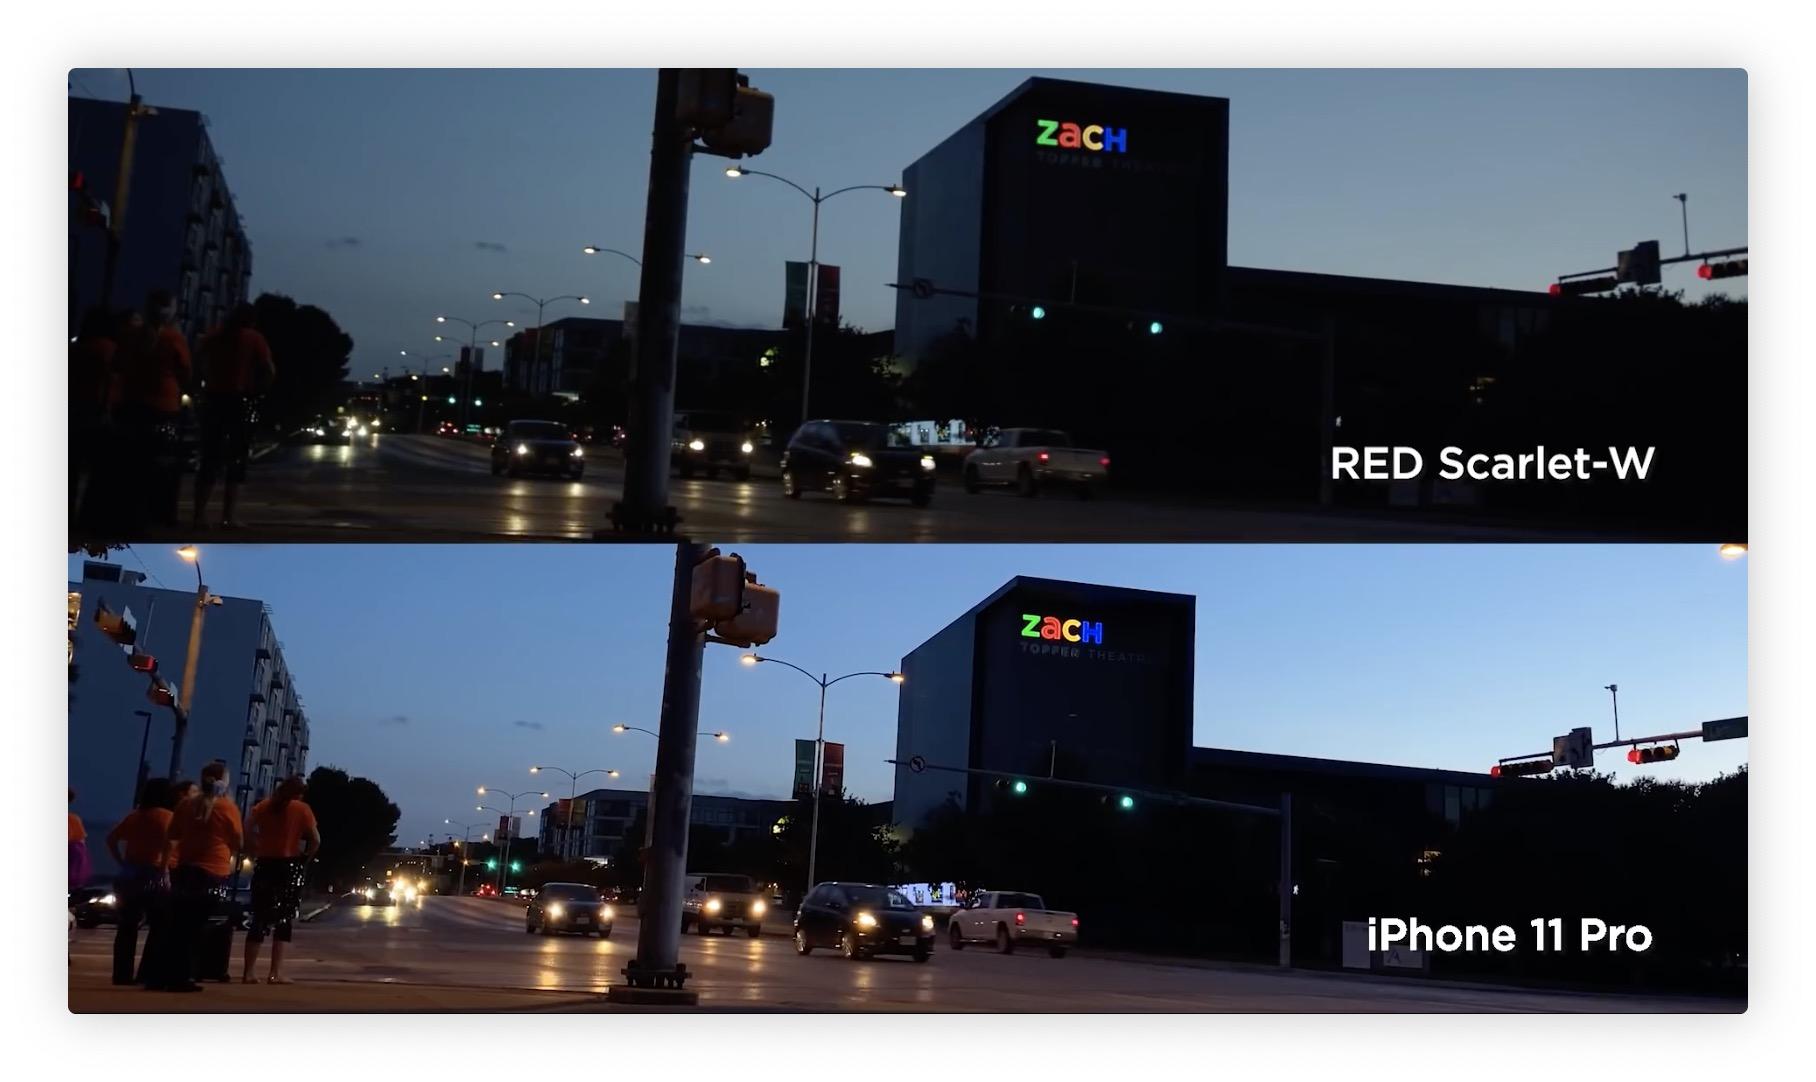 Vidéo: l'iPhone 11 Pro comparé à une caméra RED à 10k dollars 7